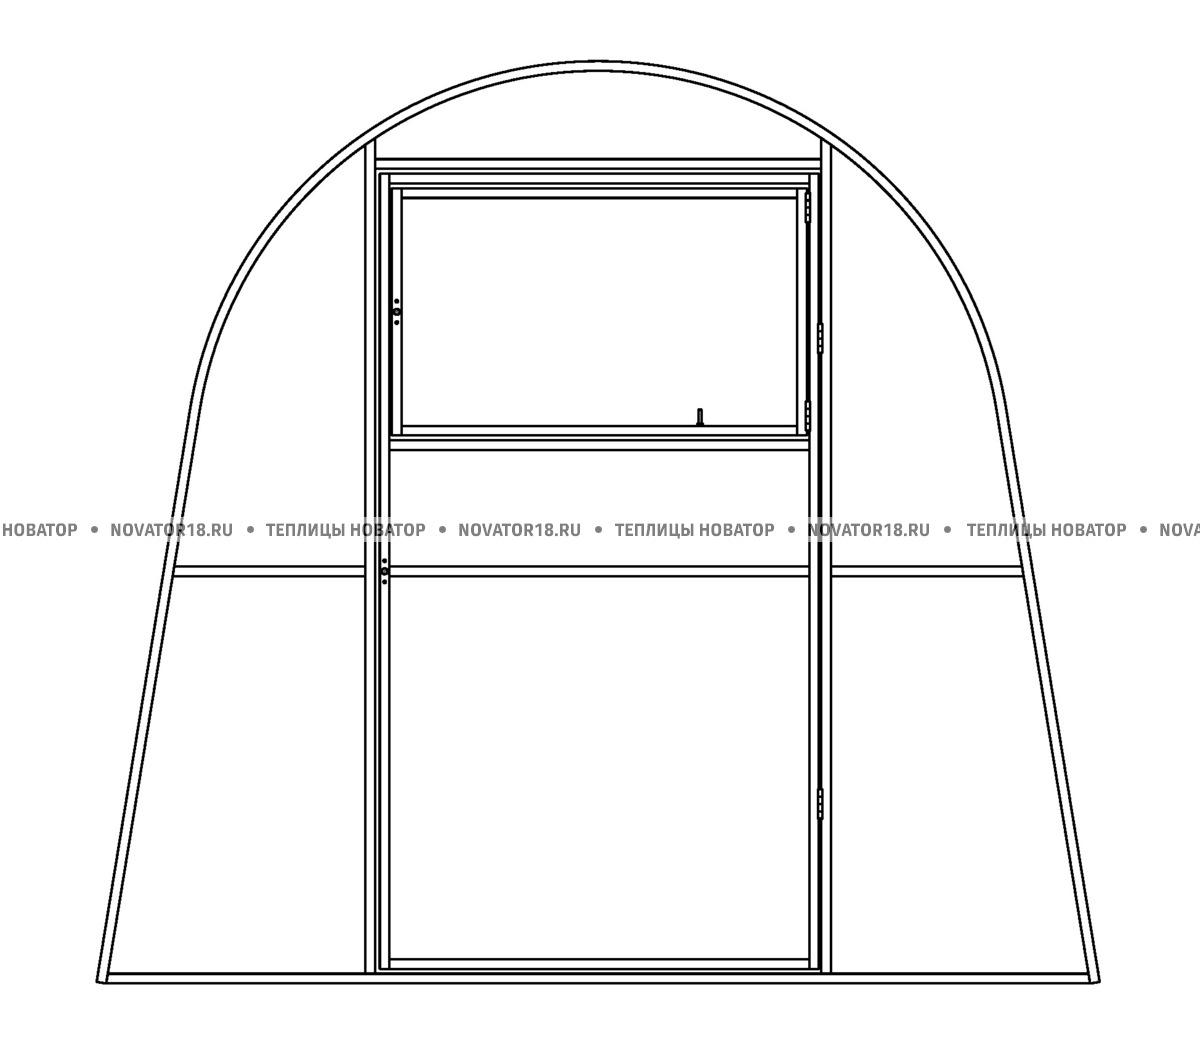 Дополнительная перегородка для теплицы «Позимь» с поликарбонатом